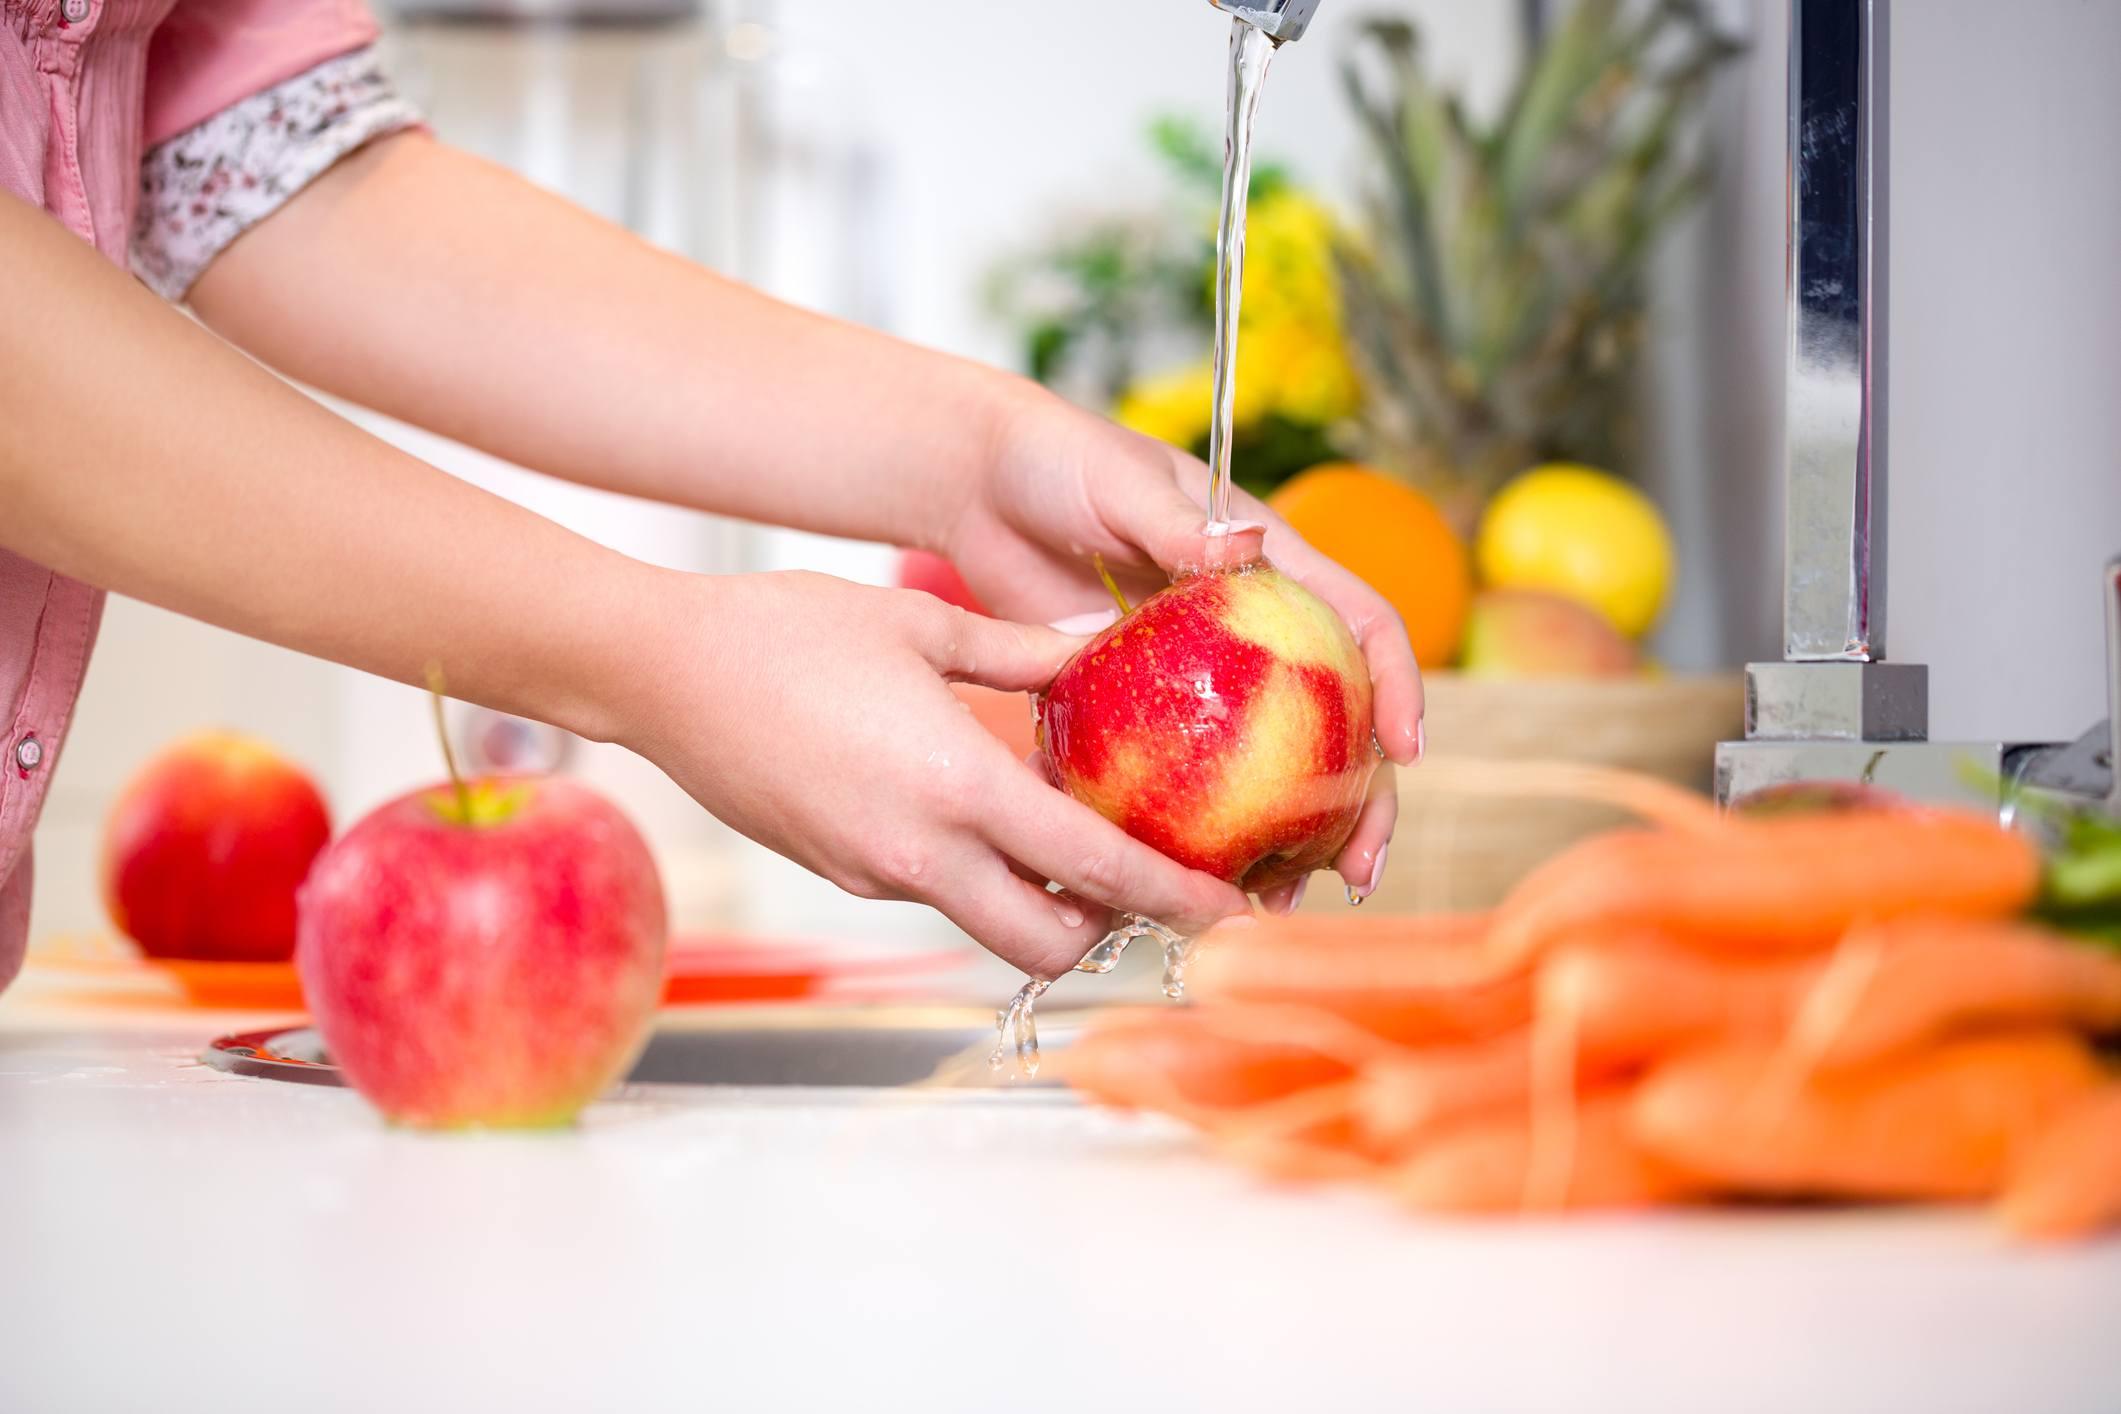 Woman washing fruit